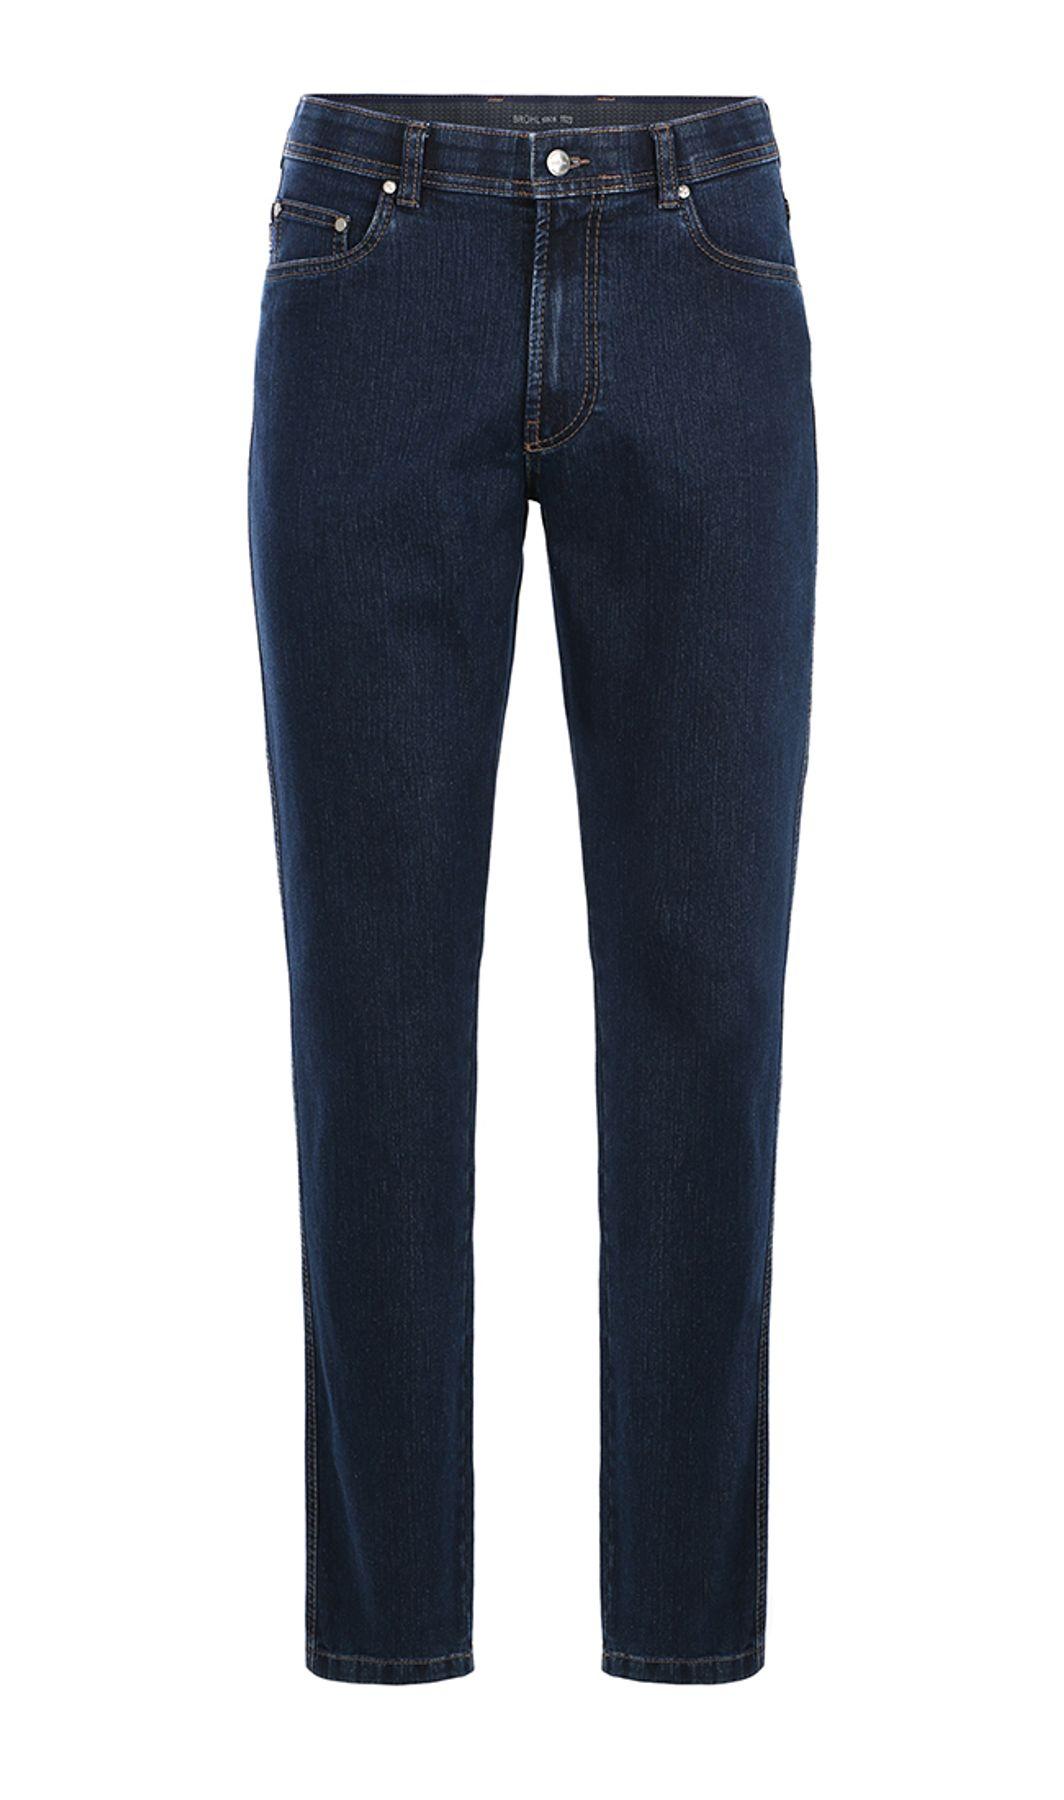 Brühl - Herren 5-Pocket Jeans in verschiedenen Farben, Genua (0011003142100) – Bild 9